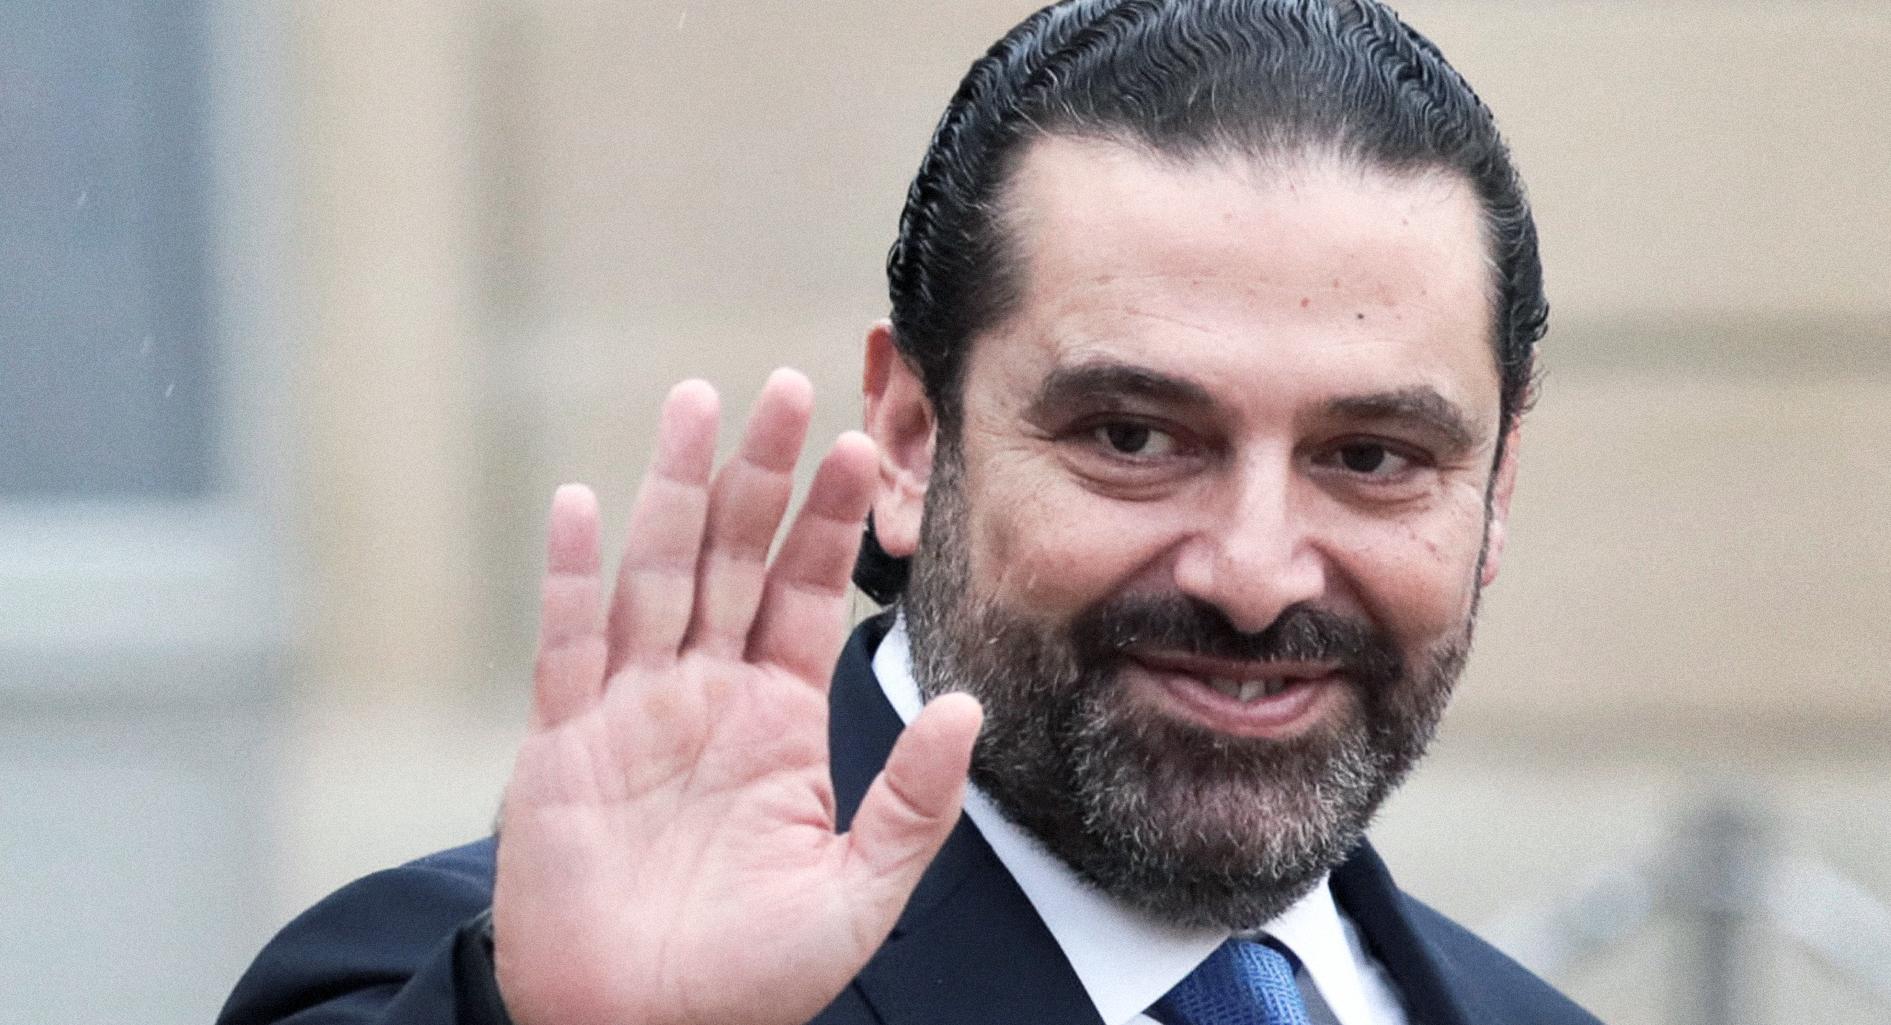 صورة الحريري يأخذ إجازة من رئاسة الحكومة إلى أن يحلَّ حزب الله وحركة أمل مشاكلهما مع المتظاهرين